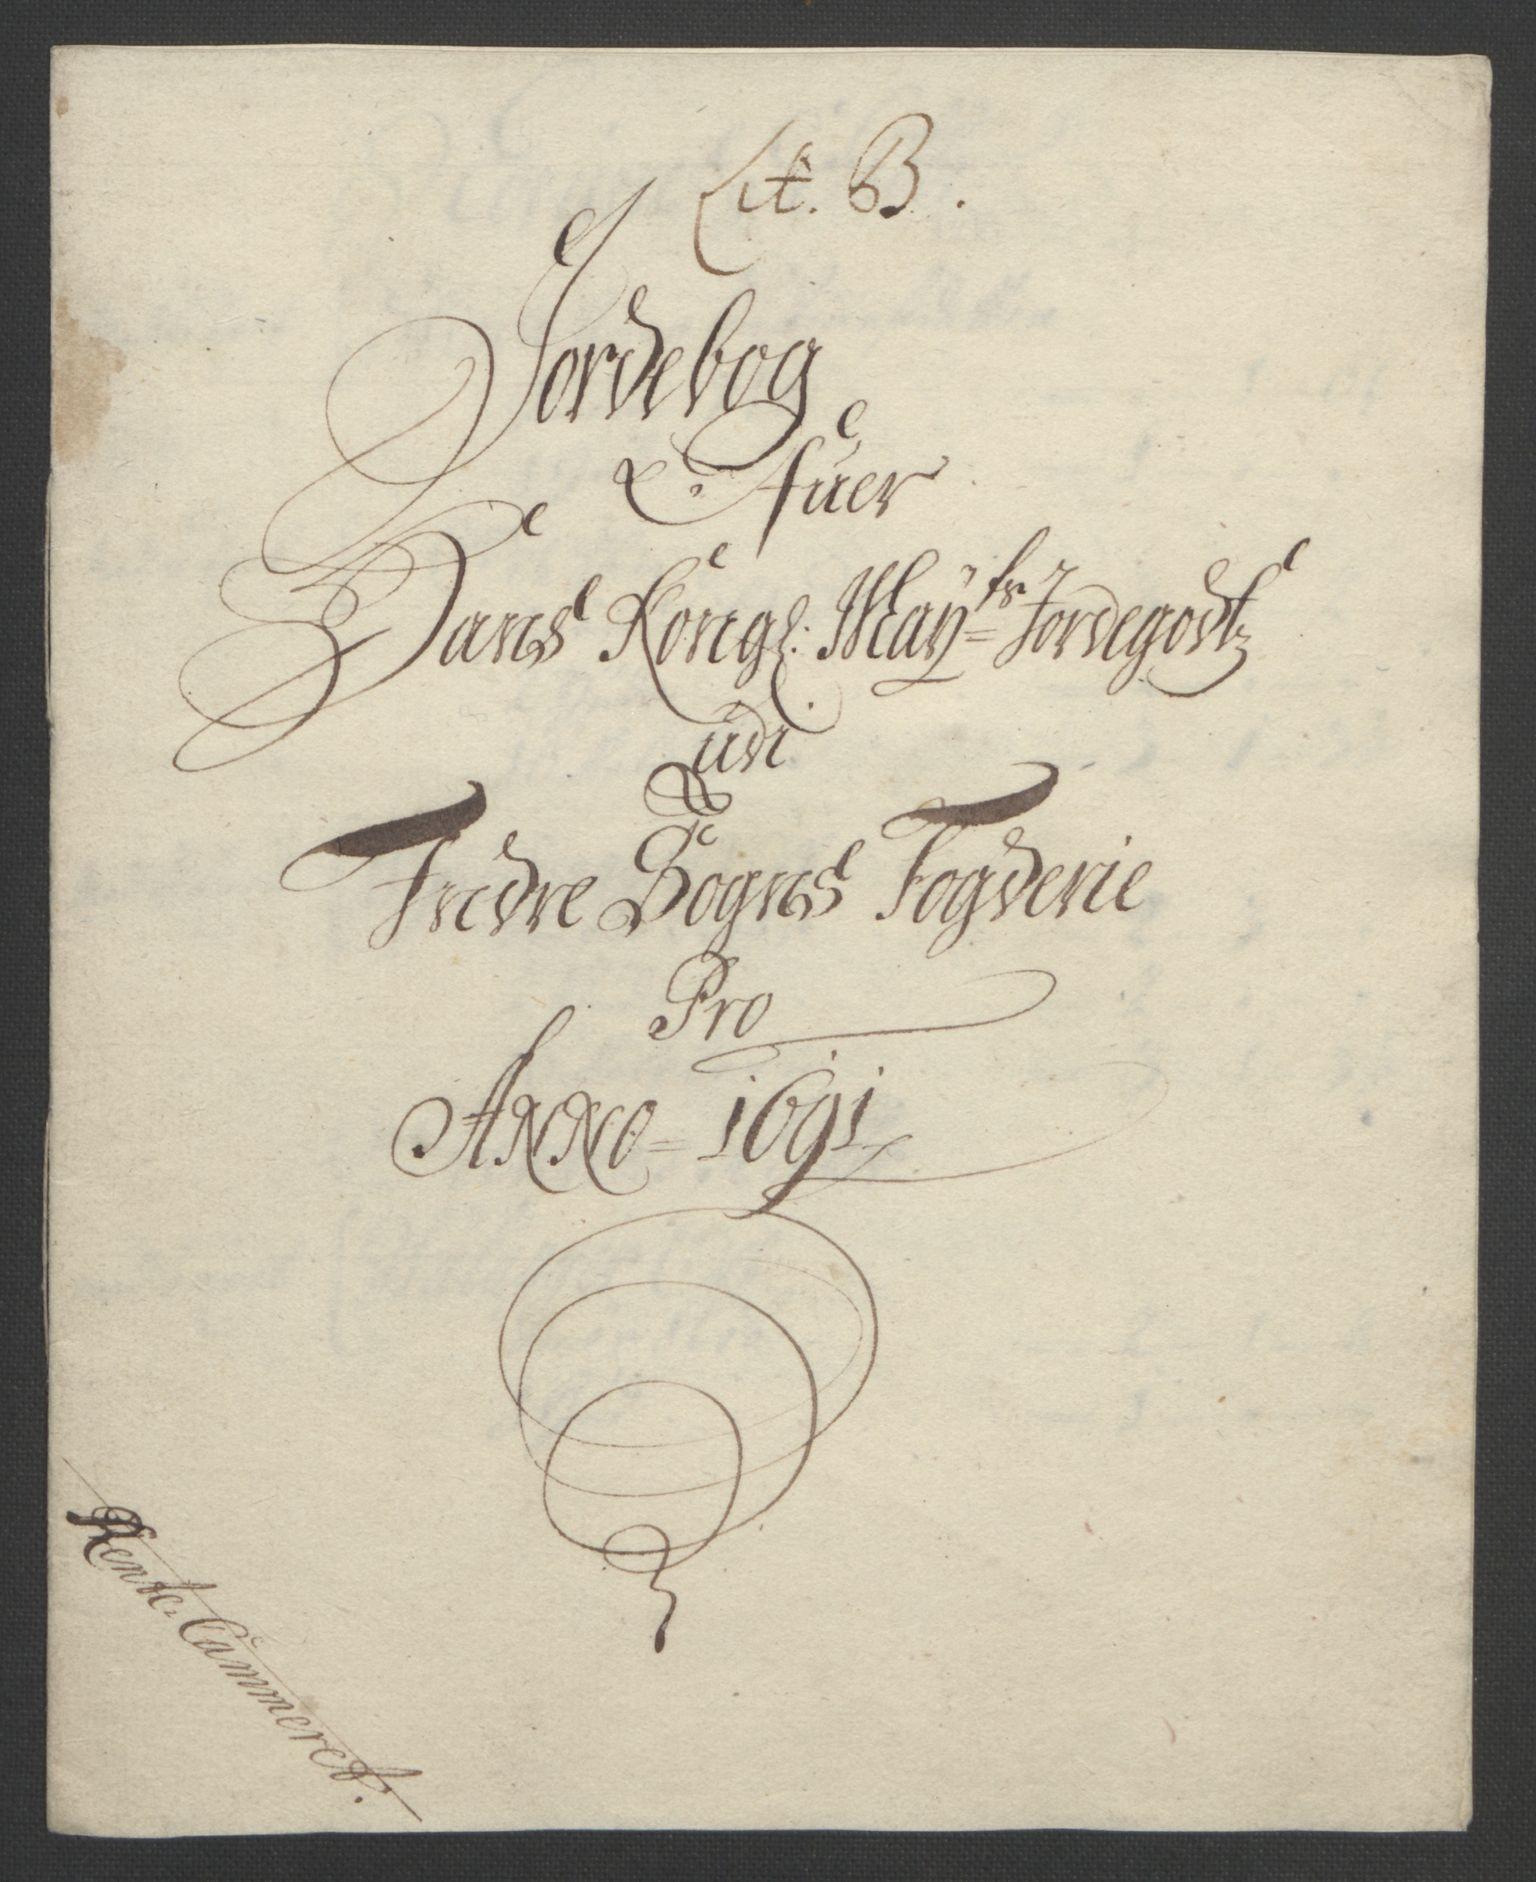 RA, Rentekammeret inntil 1814, Reviderte regnskaper, Fogderegnskap, R52/L3306: Fogderegnskap Sogn, 1691-1692, s. 28